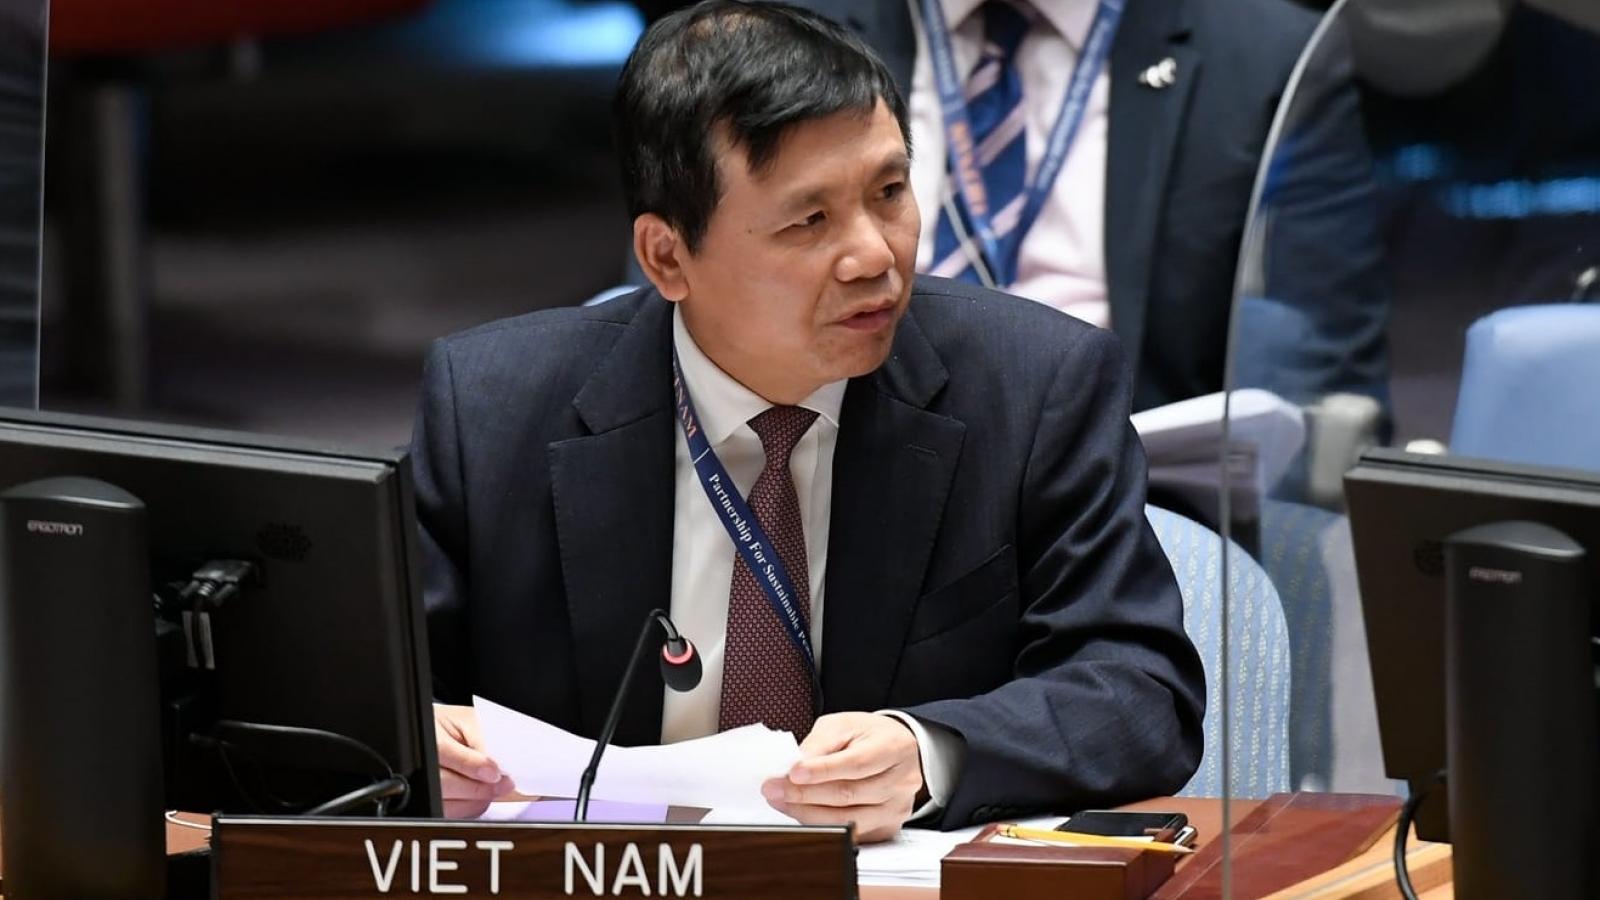 Việt Nam hoan nghênh nỗ lực của Trung tâm Ngoại giao Phòng ngừa Liên Hợp Quốc ở Trung Á